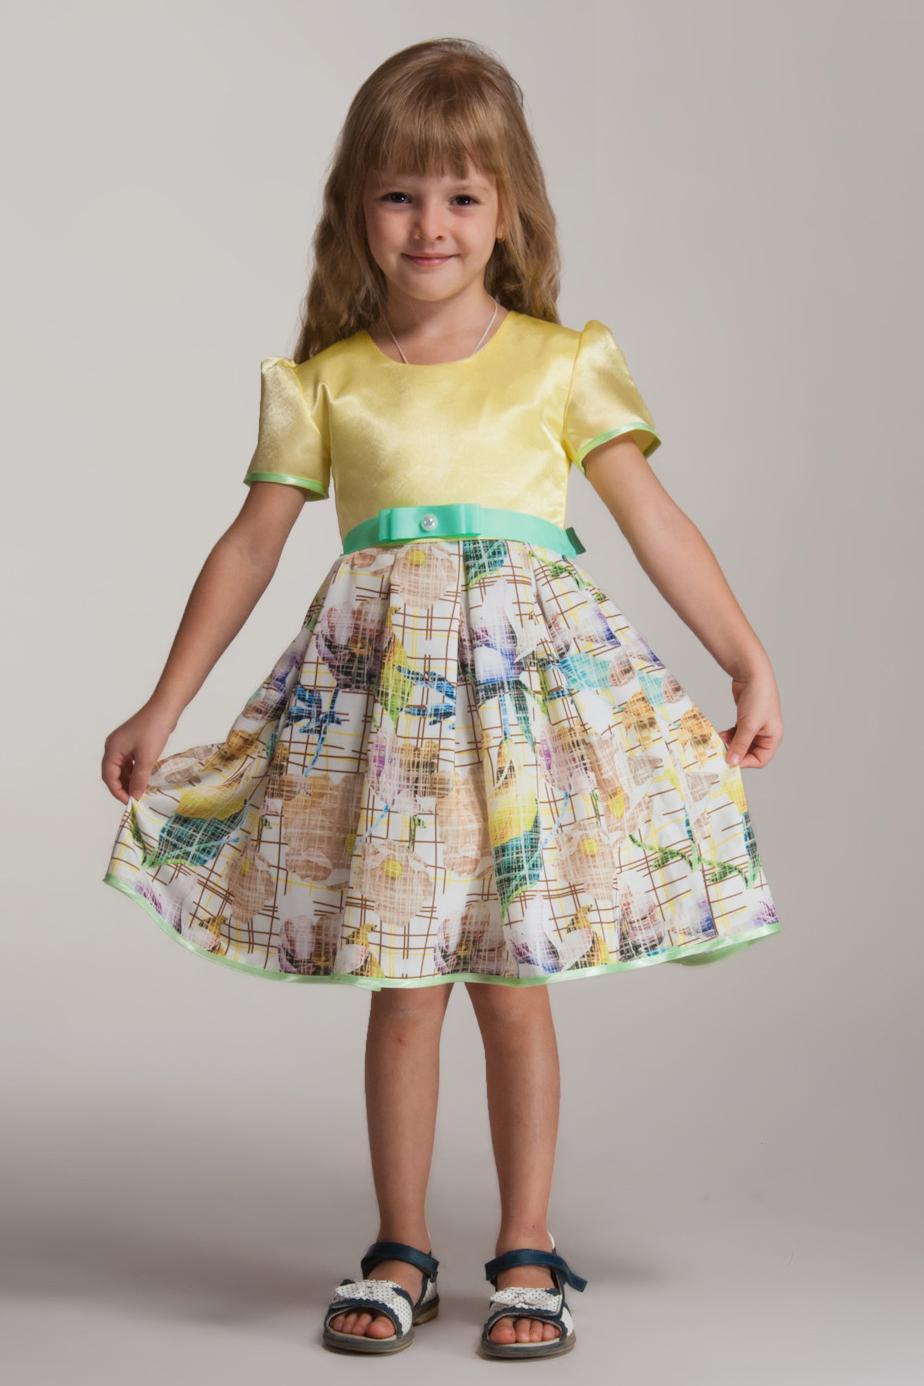 ПлатьеПлатья<br>Фигурное платье. Лиф из креп-сатина, юбка из атлас-шелка c с цветочным принтом. По юбке заложены встречные складки, которые создают невероятный объем, а за счет вшитого между подкладой и основной тканью фатина, юбка отлично держит форму. Рукава и низ платья окантованы контрастной атласной бейкой. Подклада лифа - хлопок.   В изделии использованы цвета: желтый и др.  Размер 74 соответствует росту 70-73 см Размер 80 соответствует росту 74-80 см Размер 86 соответствует росту 81-86 см Размер 92 соответствует росту 87-92 см Размер 98 соответствует росту 93-98 см Размер 104 соответствует росту 98-104 см Размер 110 соответствует росту 105-110 см Размер 116 соответствует росту 111-116 см Размер 122 соответствует росту 117-122 см Размер 128 соответствует росту 123-128 см Размер 134 соответствует росту 129-134 см Размер 140 соответствует росту 135-140 см Размер 146 соответствует росту 141-146 см Размер 152 соответствует росту 147-152 см Размер 158 соответствует росту 153-158 см Размер 164 соответствует росту 159-164 см Размер 170 соответствует росту 165-170 см<br><br>Горловина: С- горловина<br>По возрасту: Ясельные ( от 1 до 3 лет),Дошкольные ( от 3 до 7 лет),Школьные ( от 7 до 13 лет)<br>По длине: Миди<br>По материалу: Атласные<br>По образу: Выпускной,Торжество<br>По рисунку: Растительные мотивы,С принтом (печатью),Цветные,Цветочные<br>По сезону: Весна,Зима,Лето,Осень,Всесезон<br>По силуэту: Полуприталенные<br>По стилю: Летние,На выпускной,Нарядные<br>По форме: Трапеция<br>По элементам: С декором<br>Рукав: Короткий рукав<br>Размер : 104,116,122,134<br>Материал: Атлас<br>Количество в наличии: 4